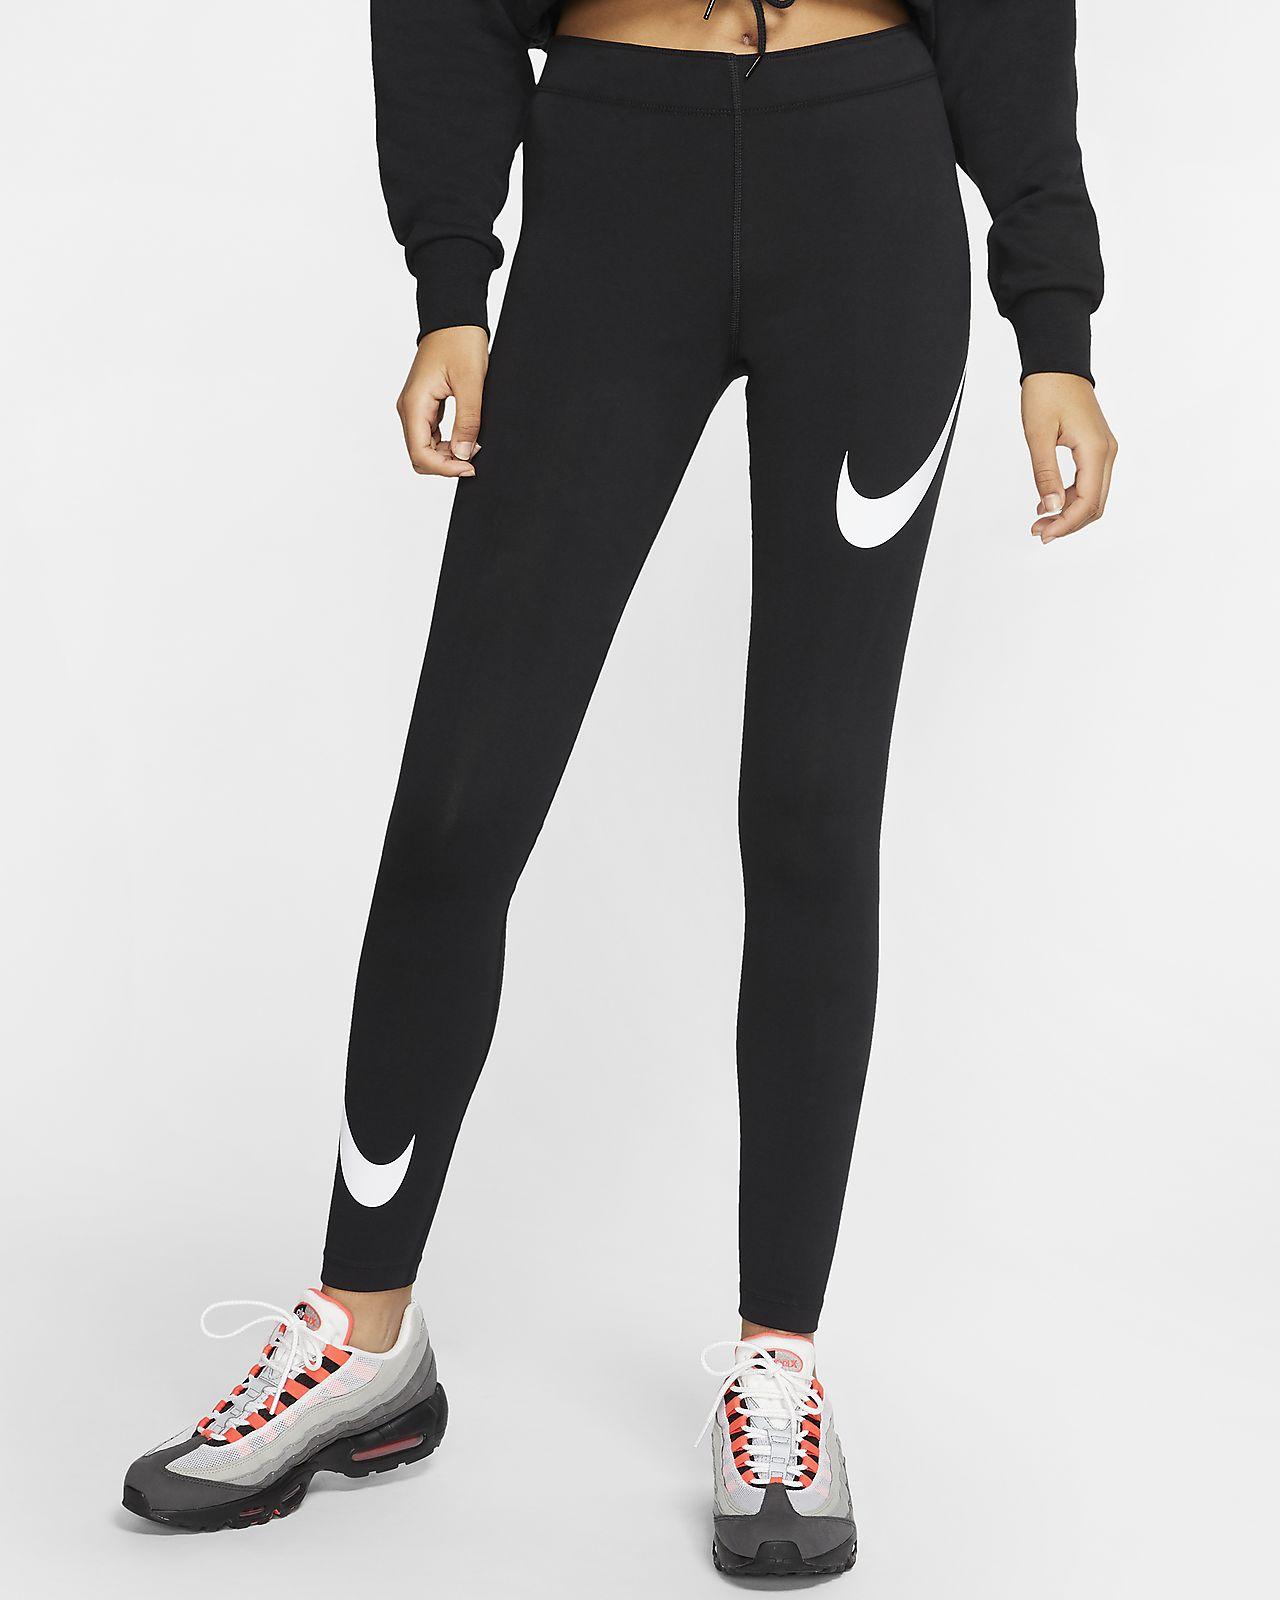 Nike Sportswear Leg-A-See Swoosh Women's Leggings